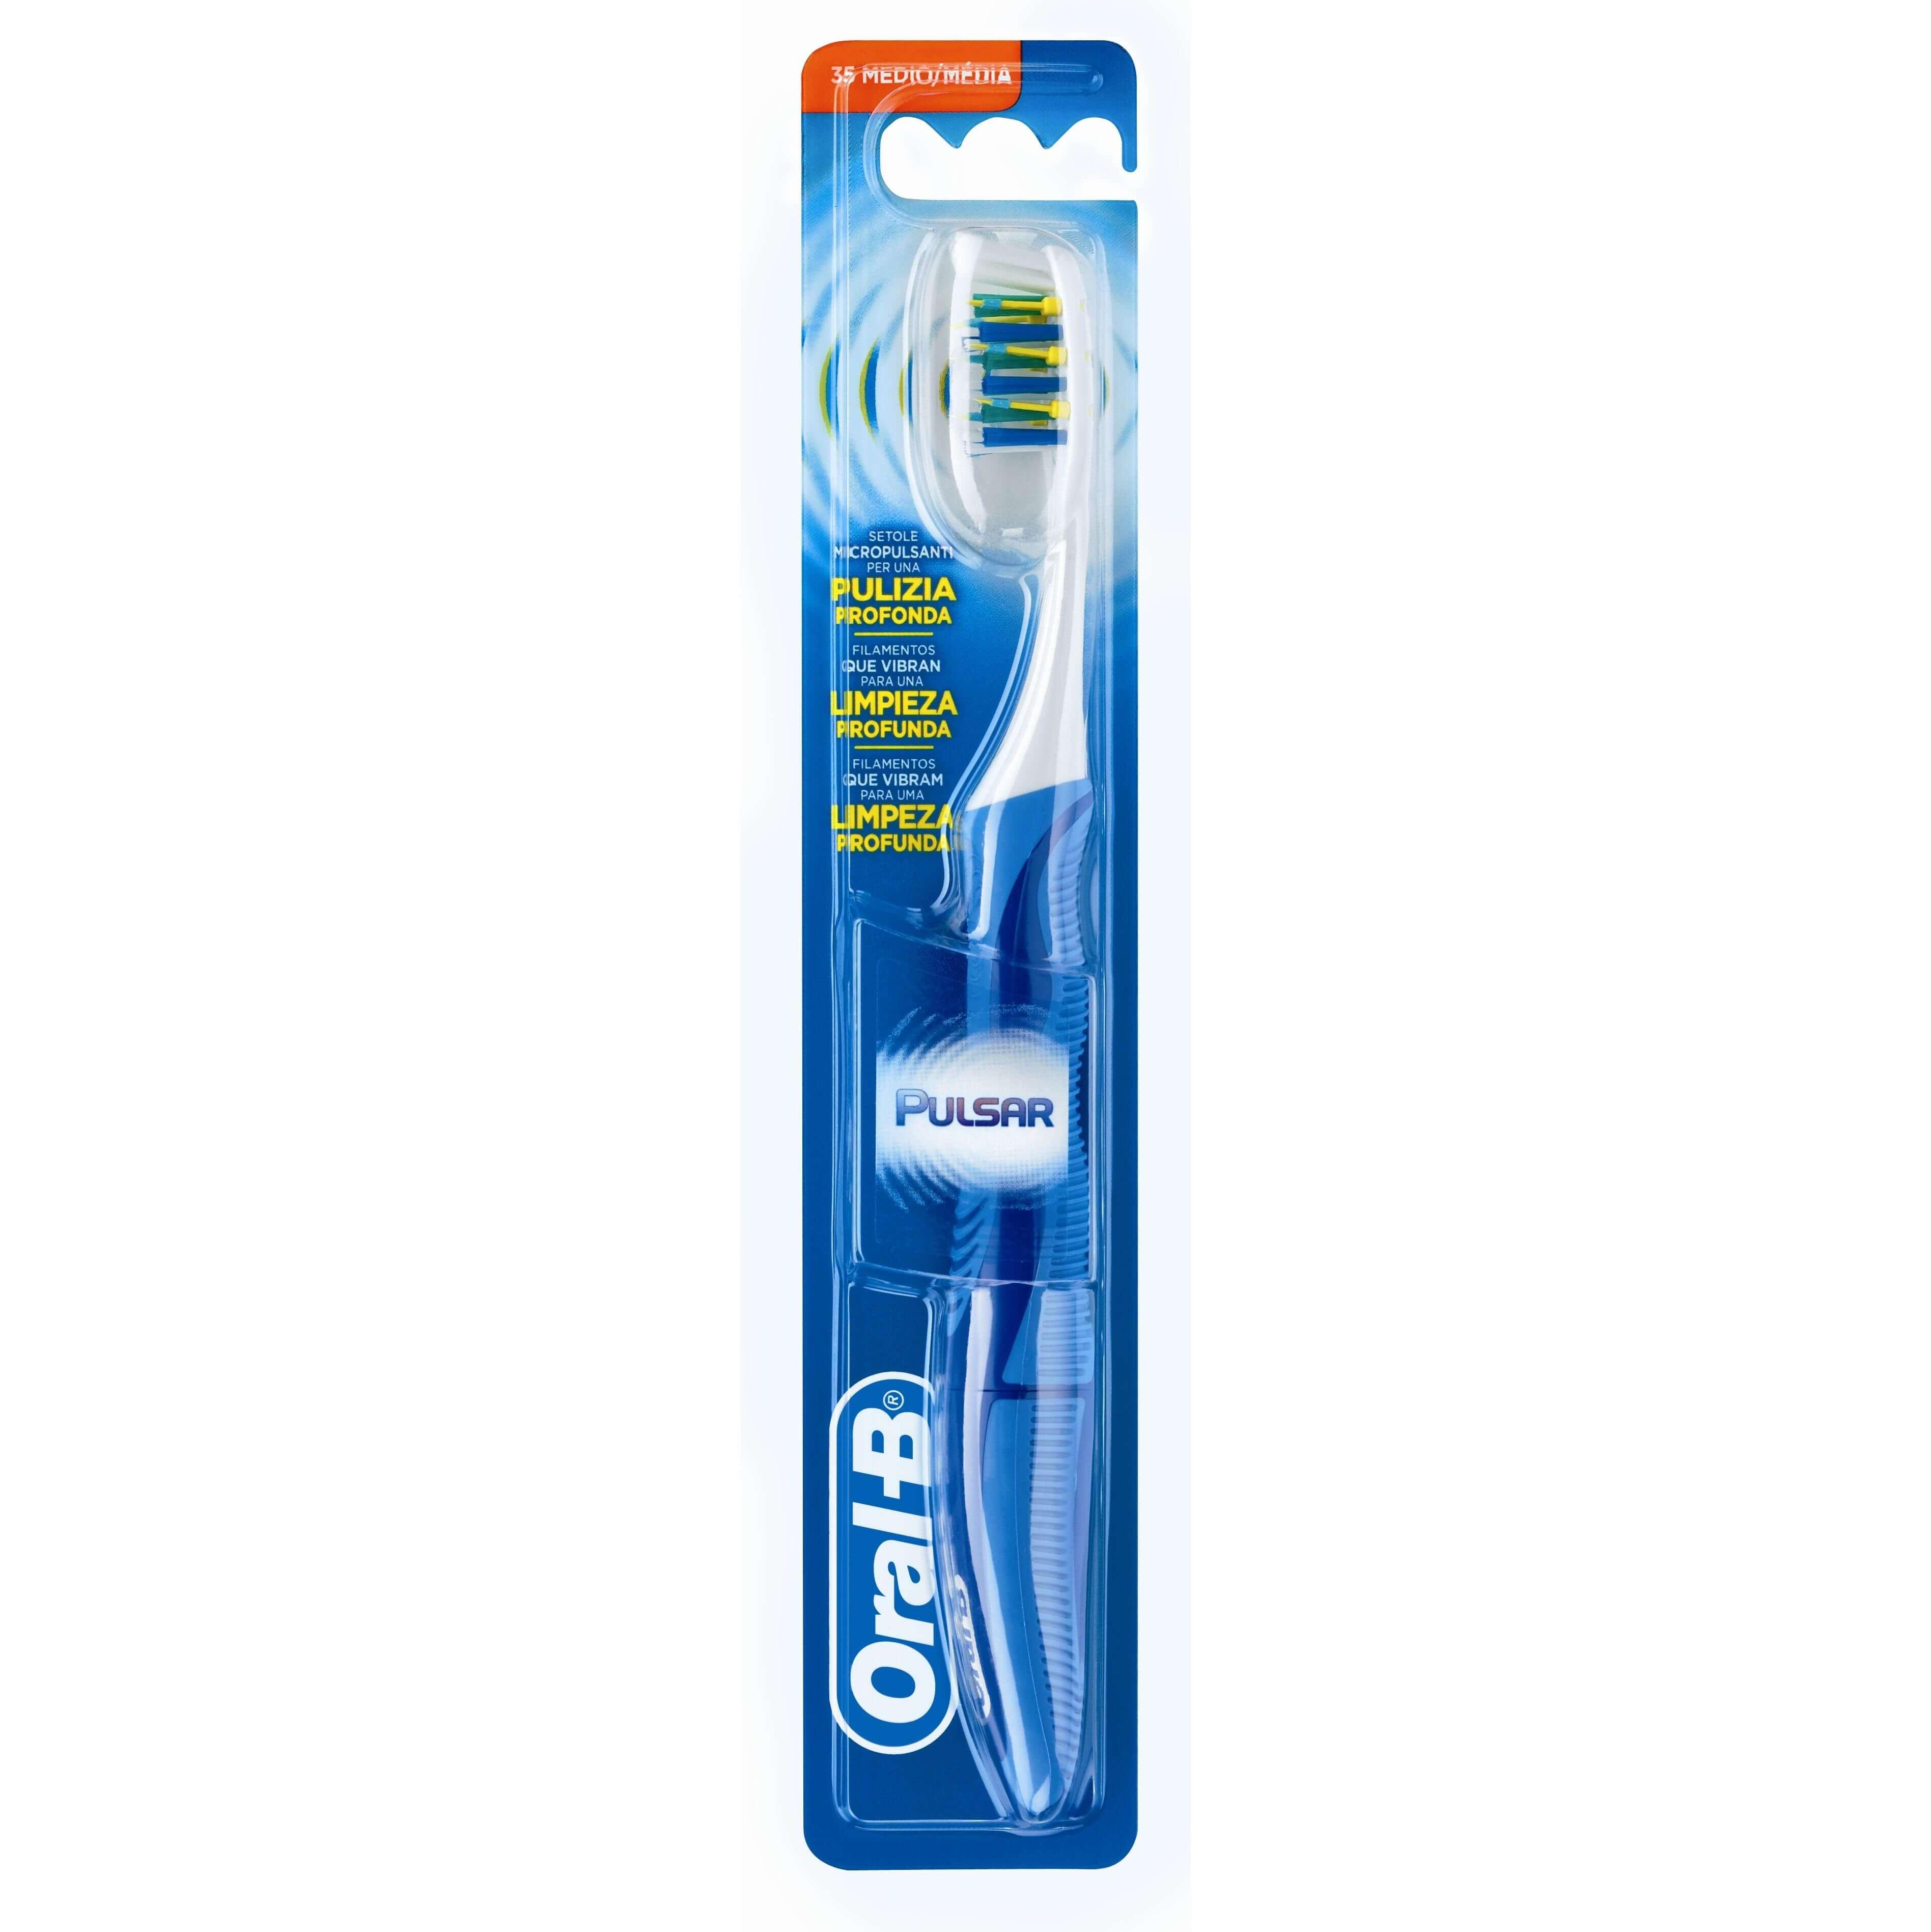 Οδοντόβουρτσα Oral-B Pro-Expert Pulsar 35 Μέτρια